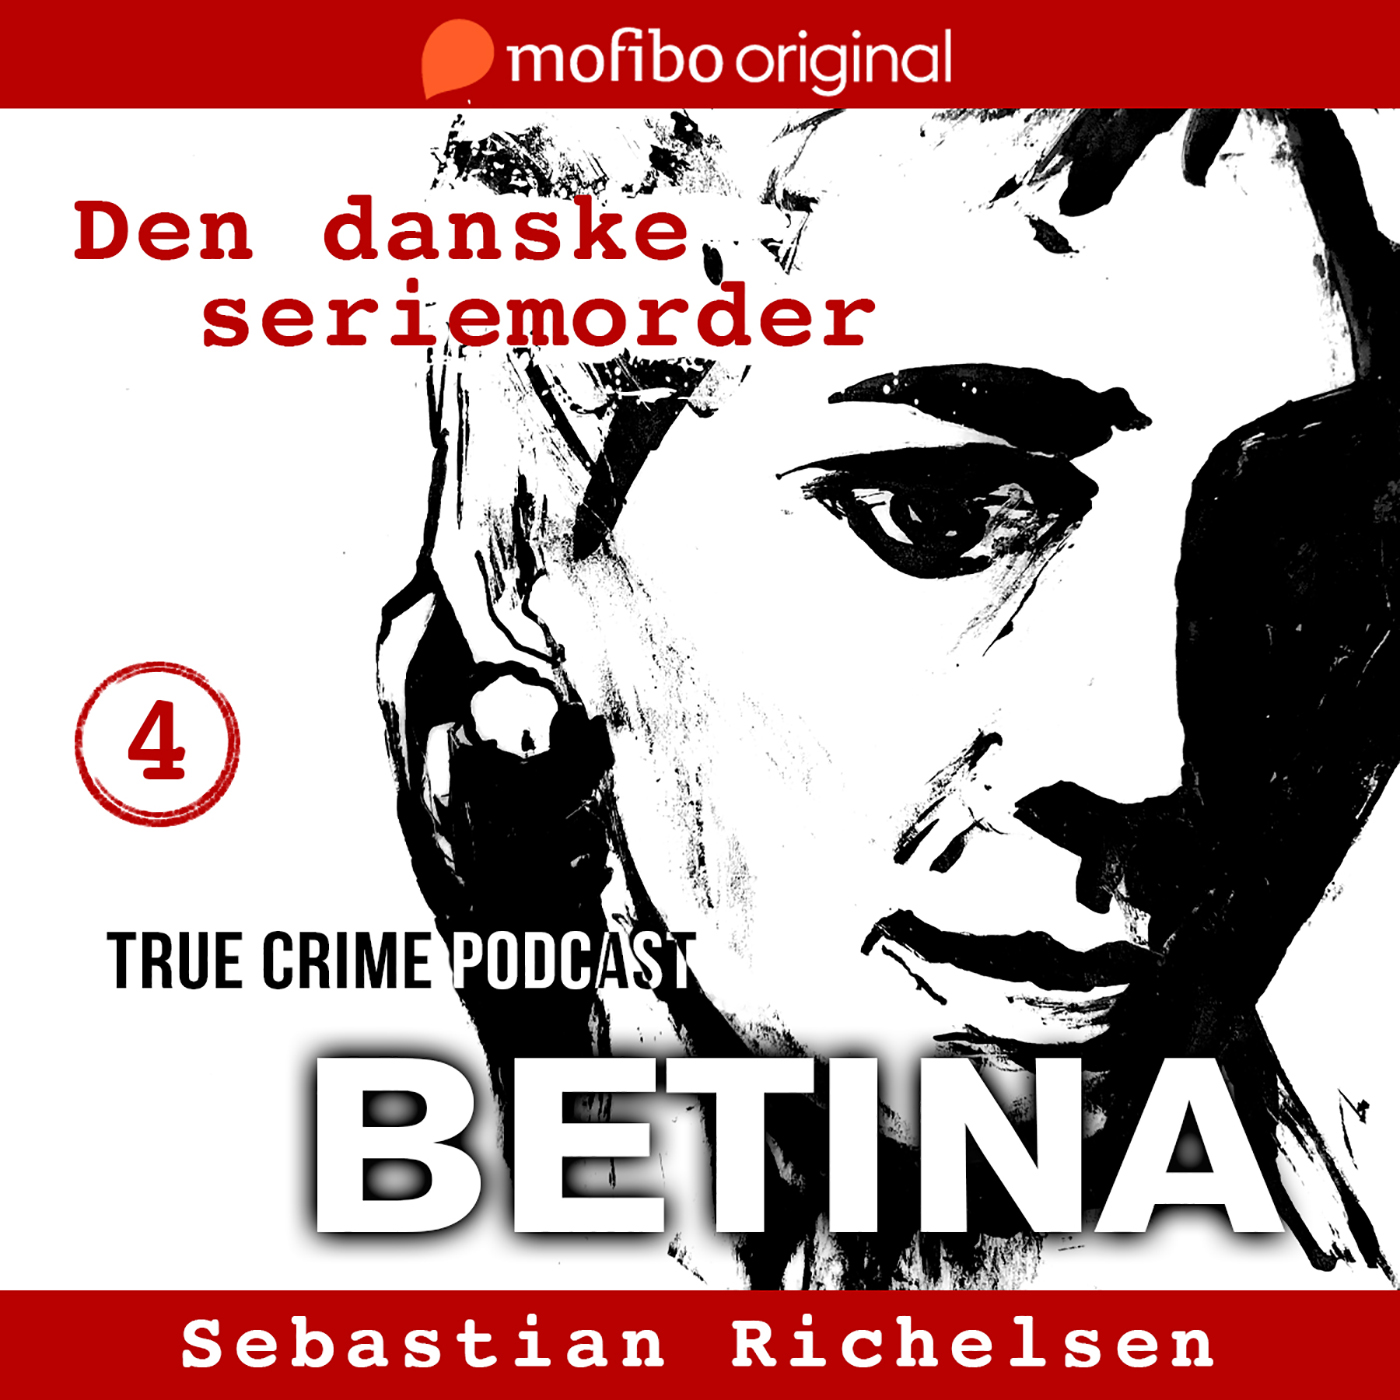 Episode 4 - Betina